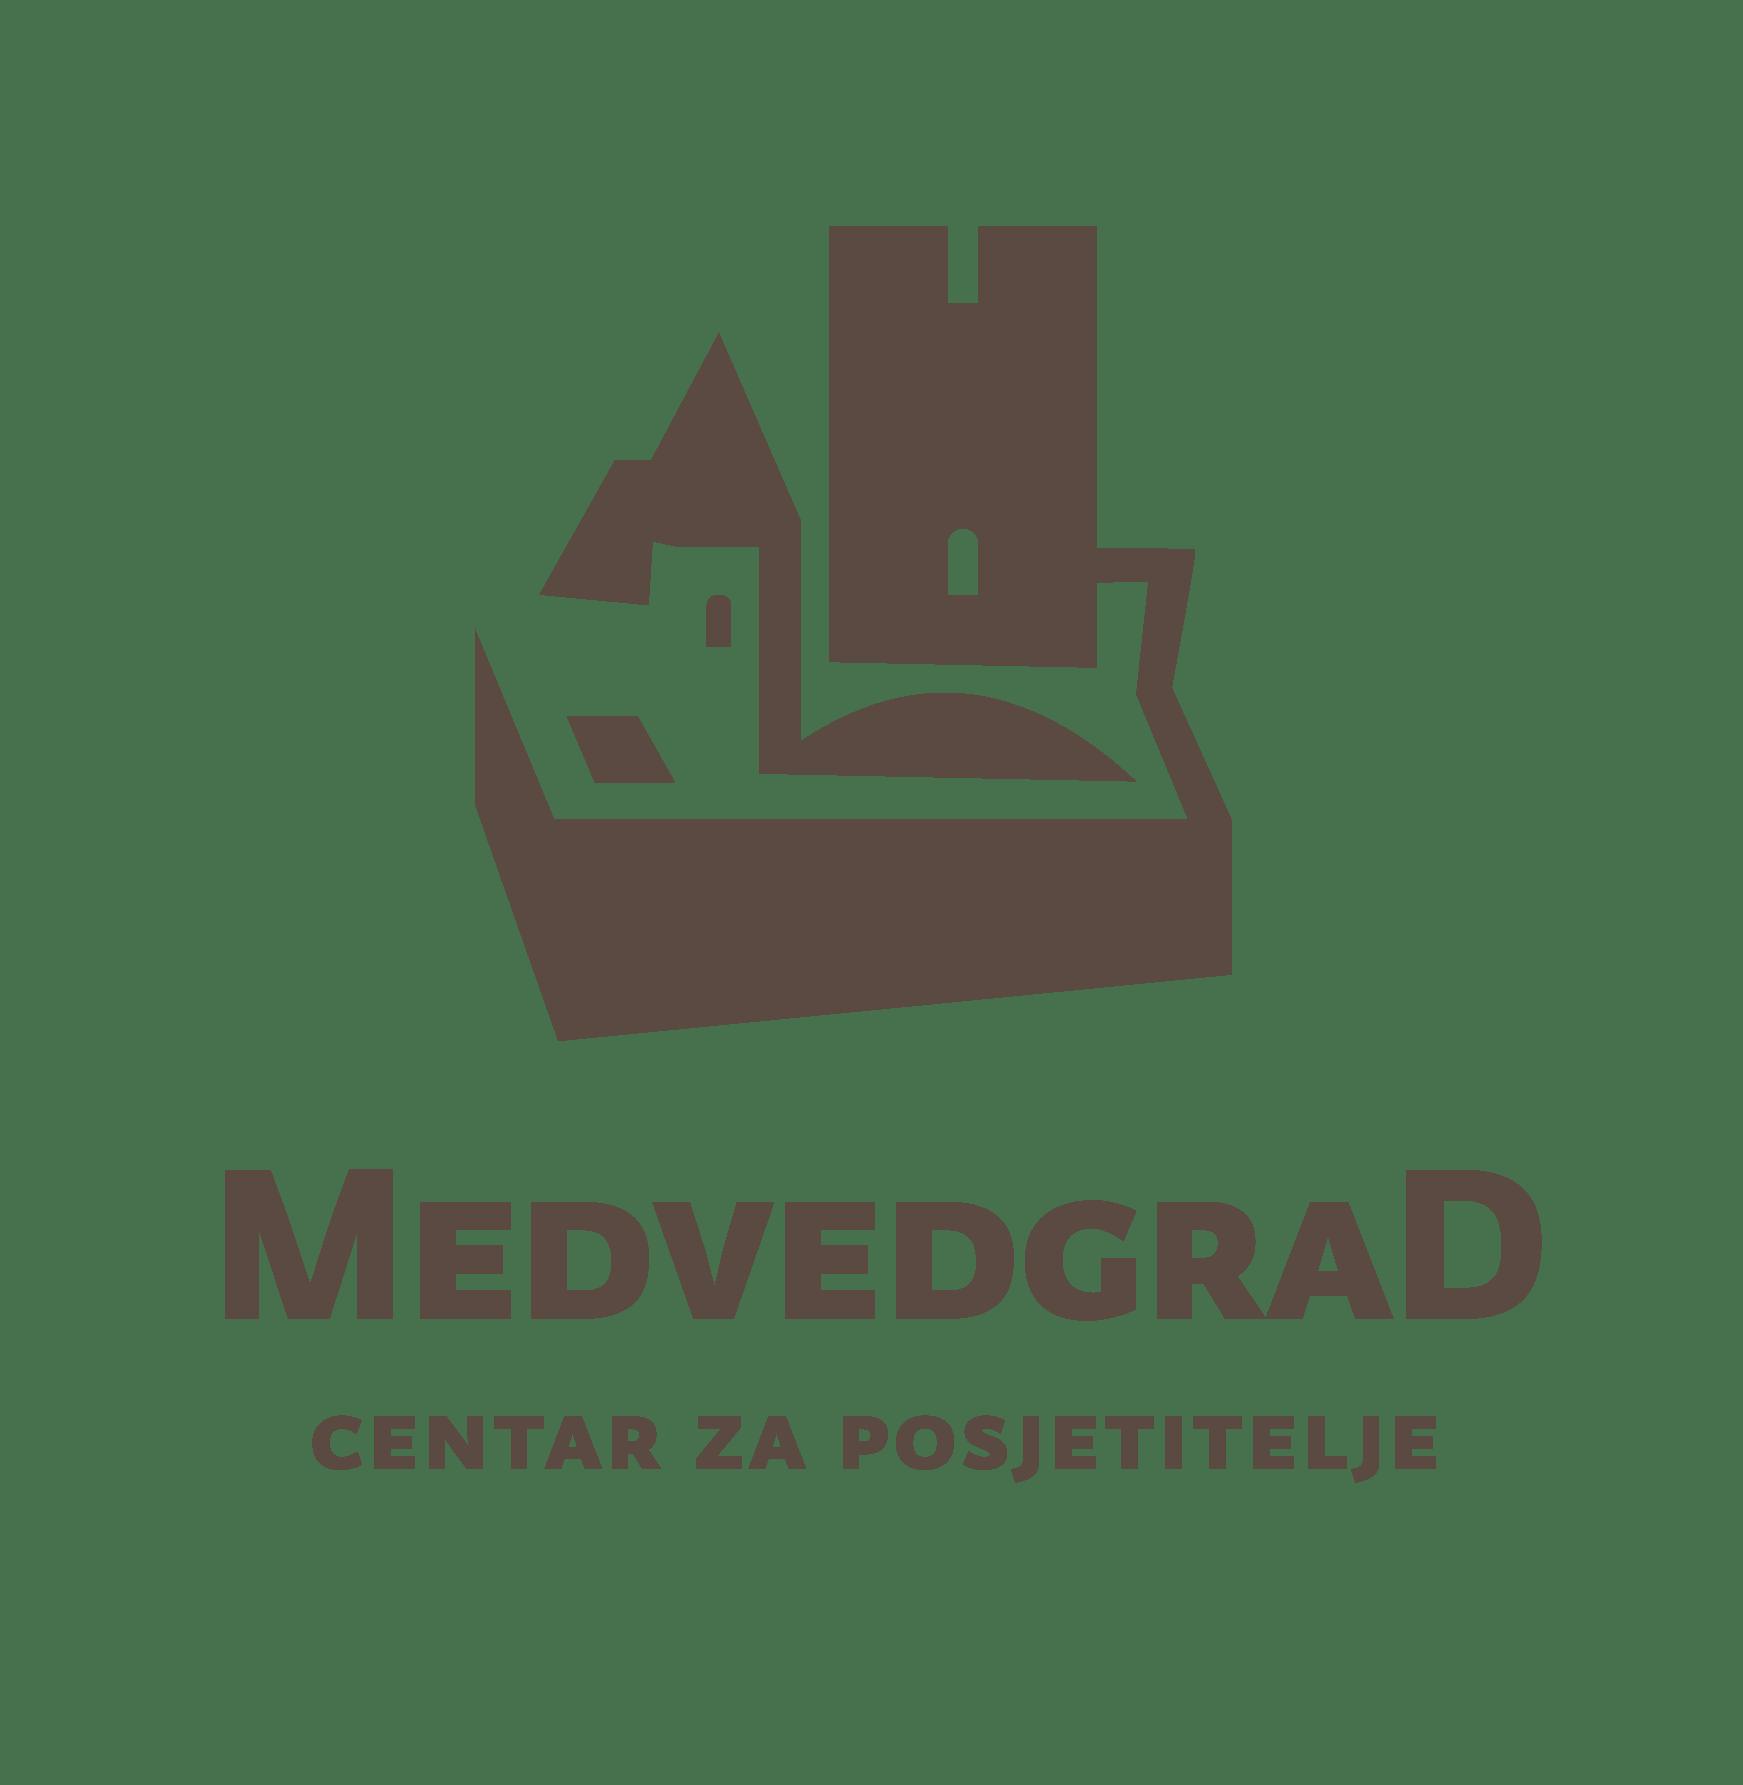 Centar za posjetitelje Medvedgrad